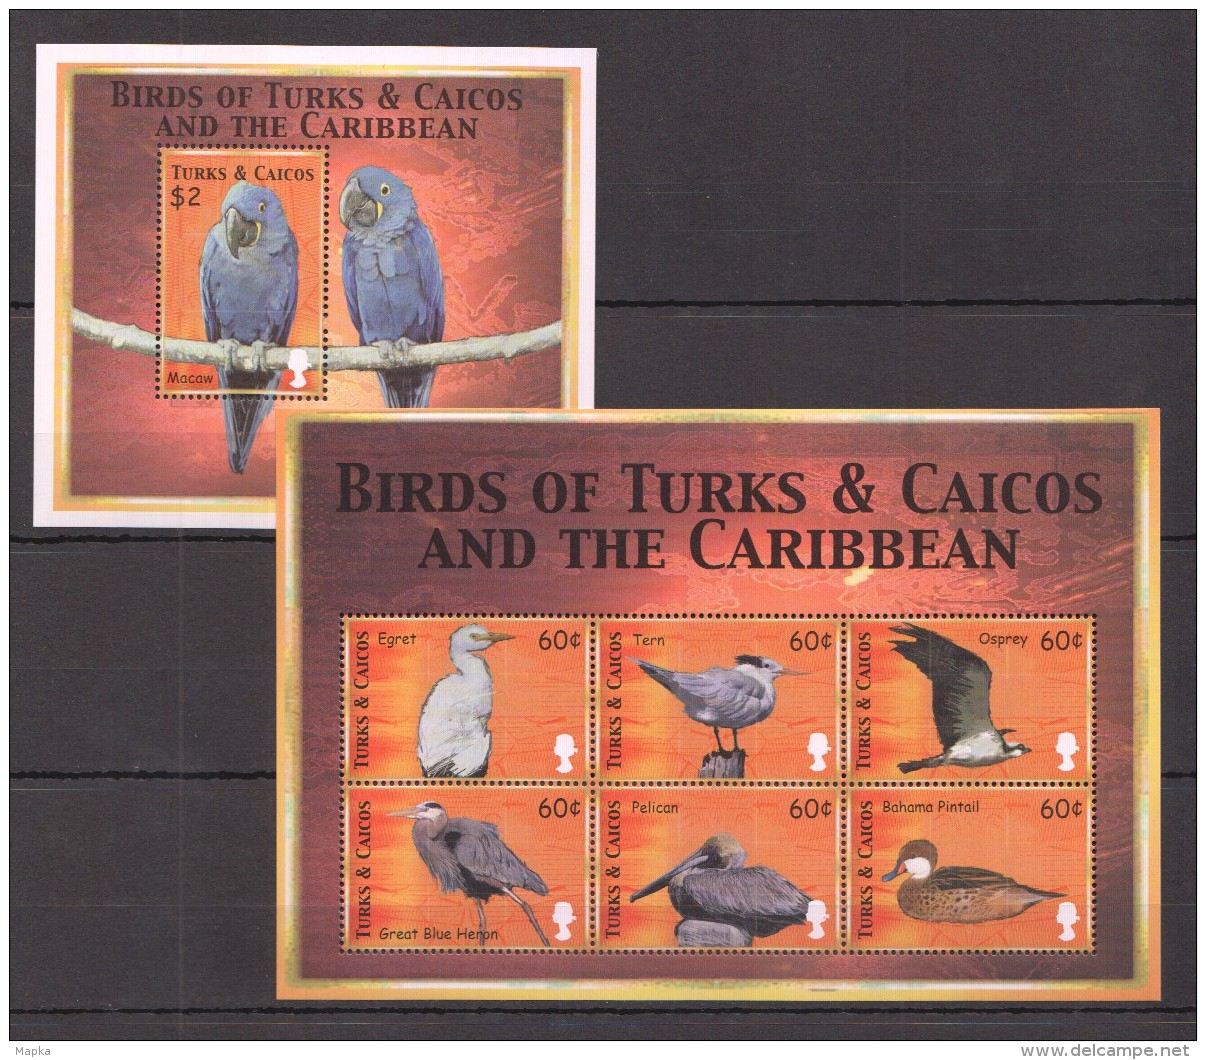 NN221 TURKS&CAICOS BIRDS CARIBBEAN 1KB+1BL  MNH - Perroquets & Tropicaux